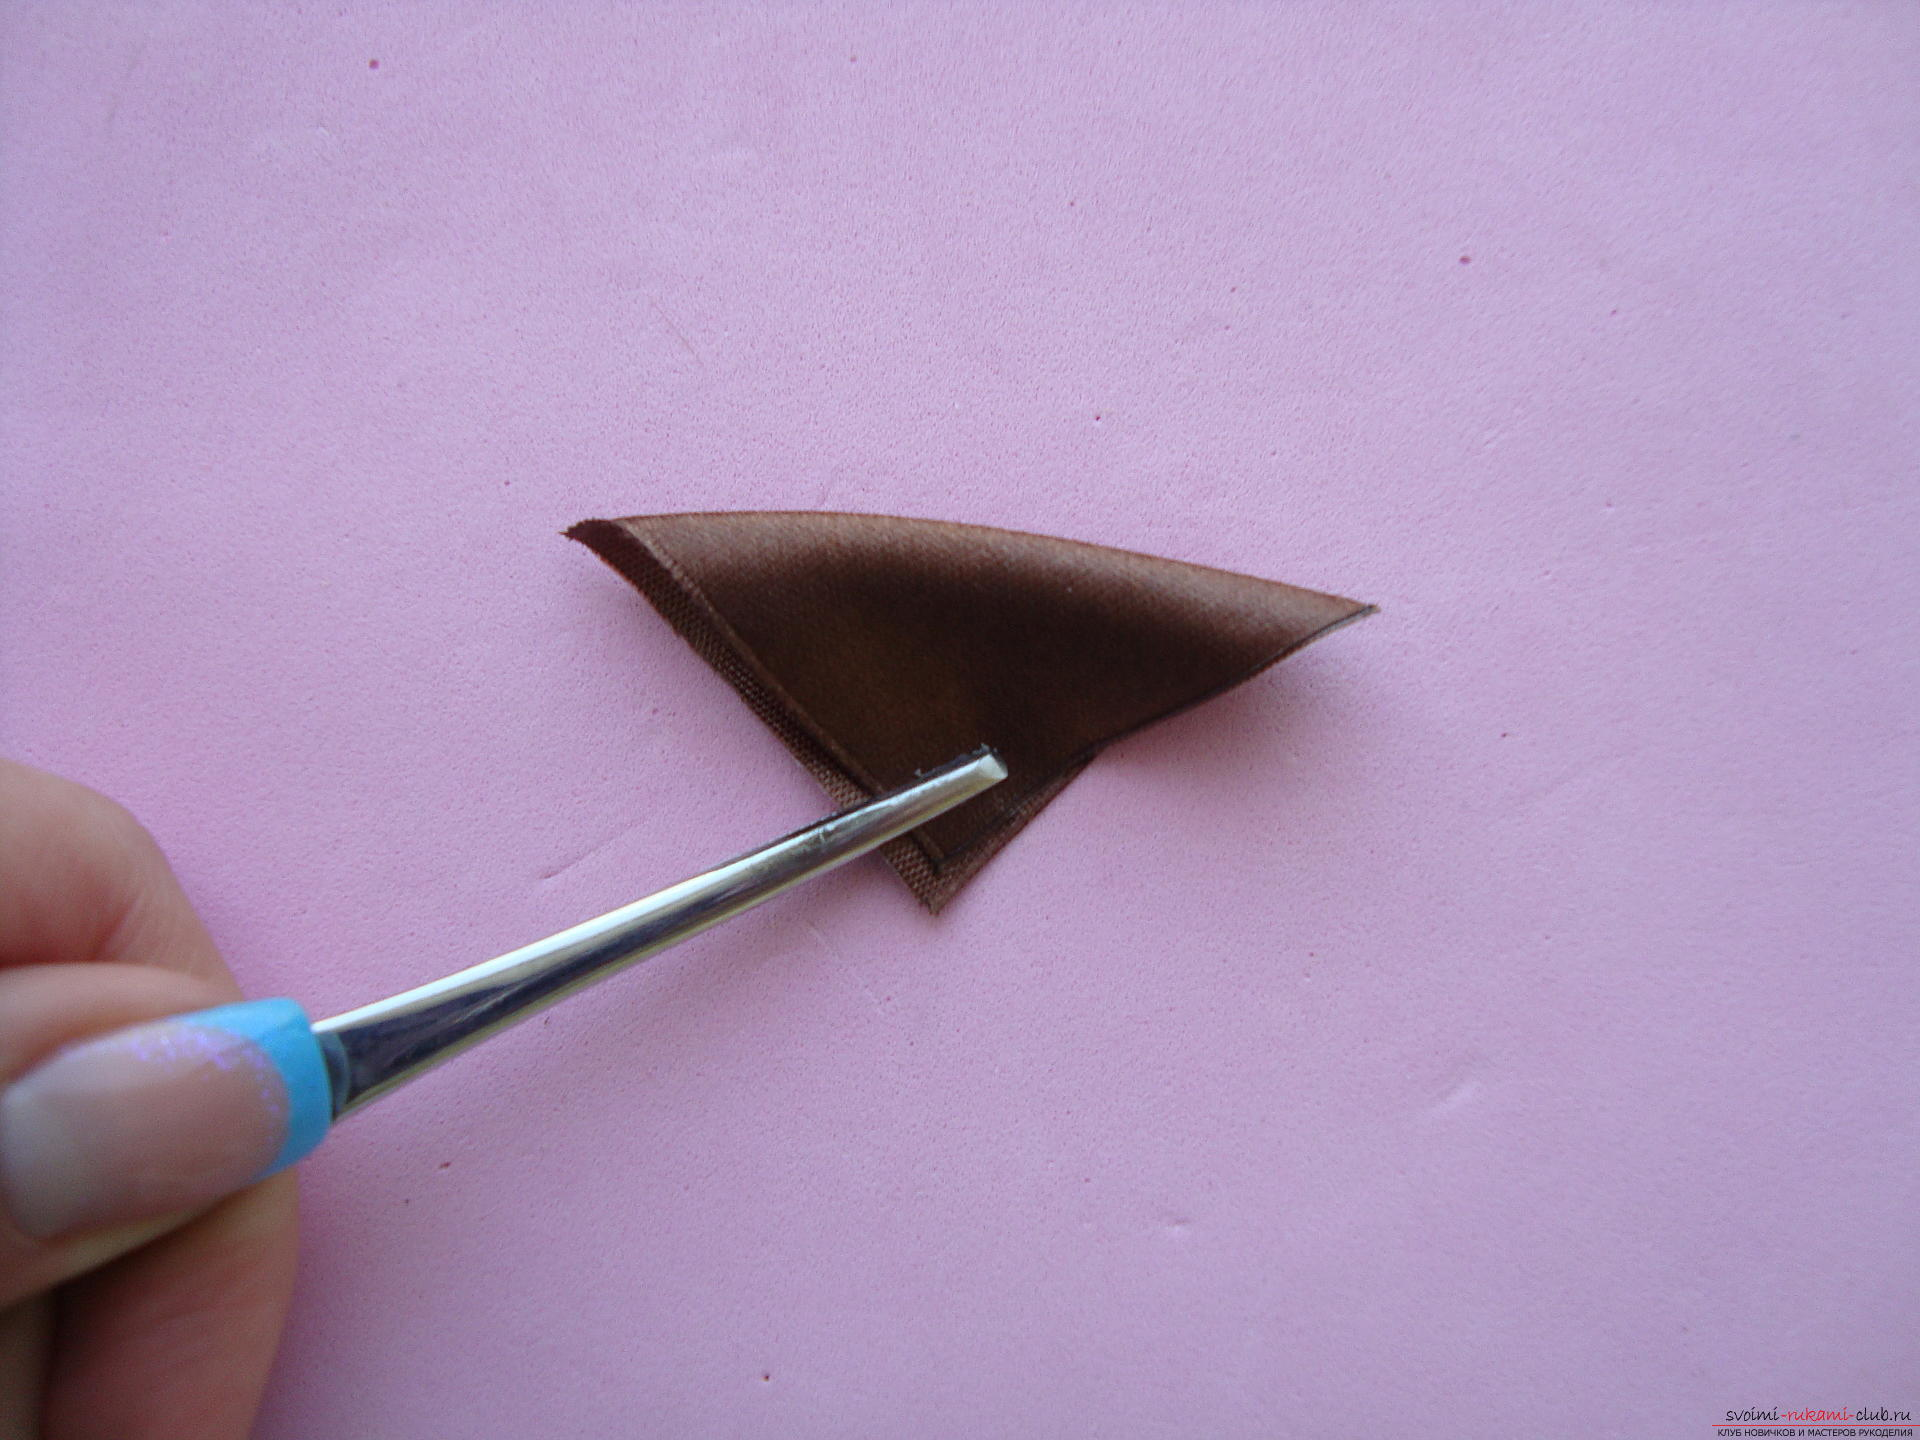 Пошаговая фото-инструкция по изготовлению бантиков с цветами в технике канзаши. Фото №9